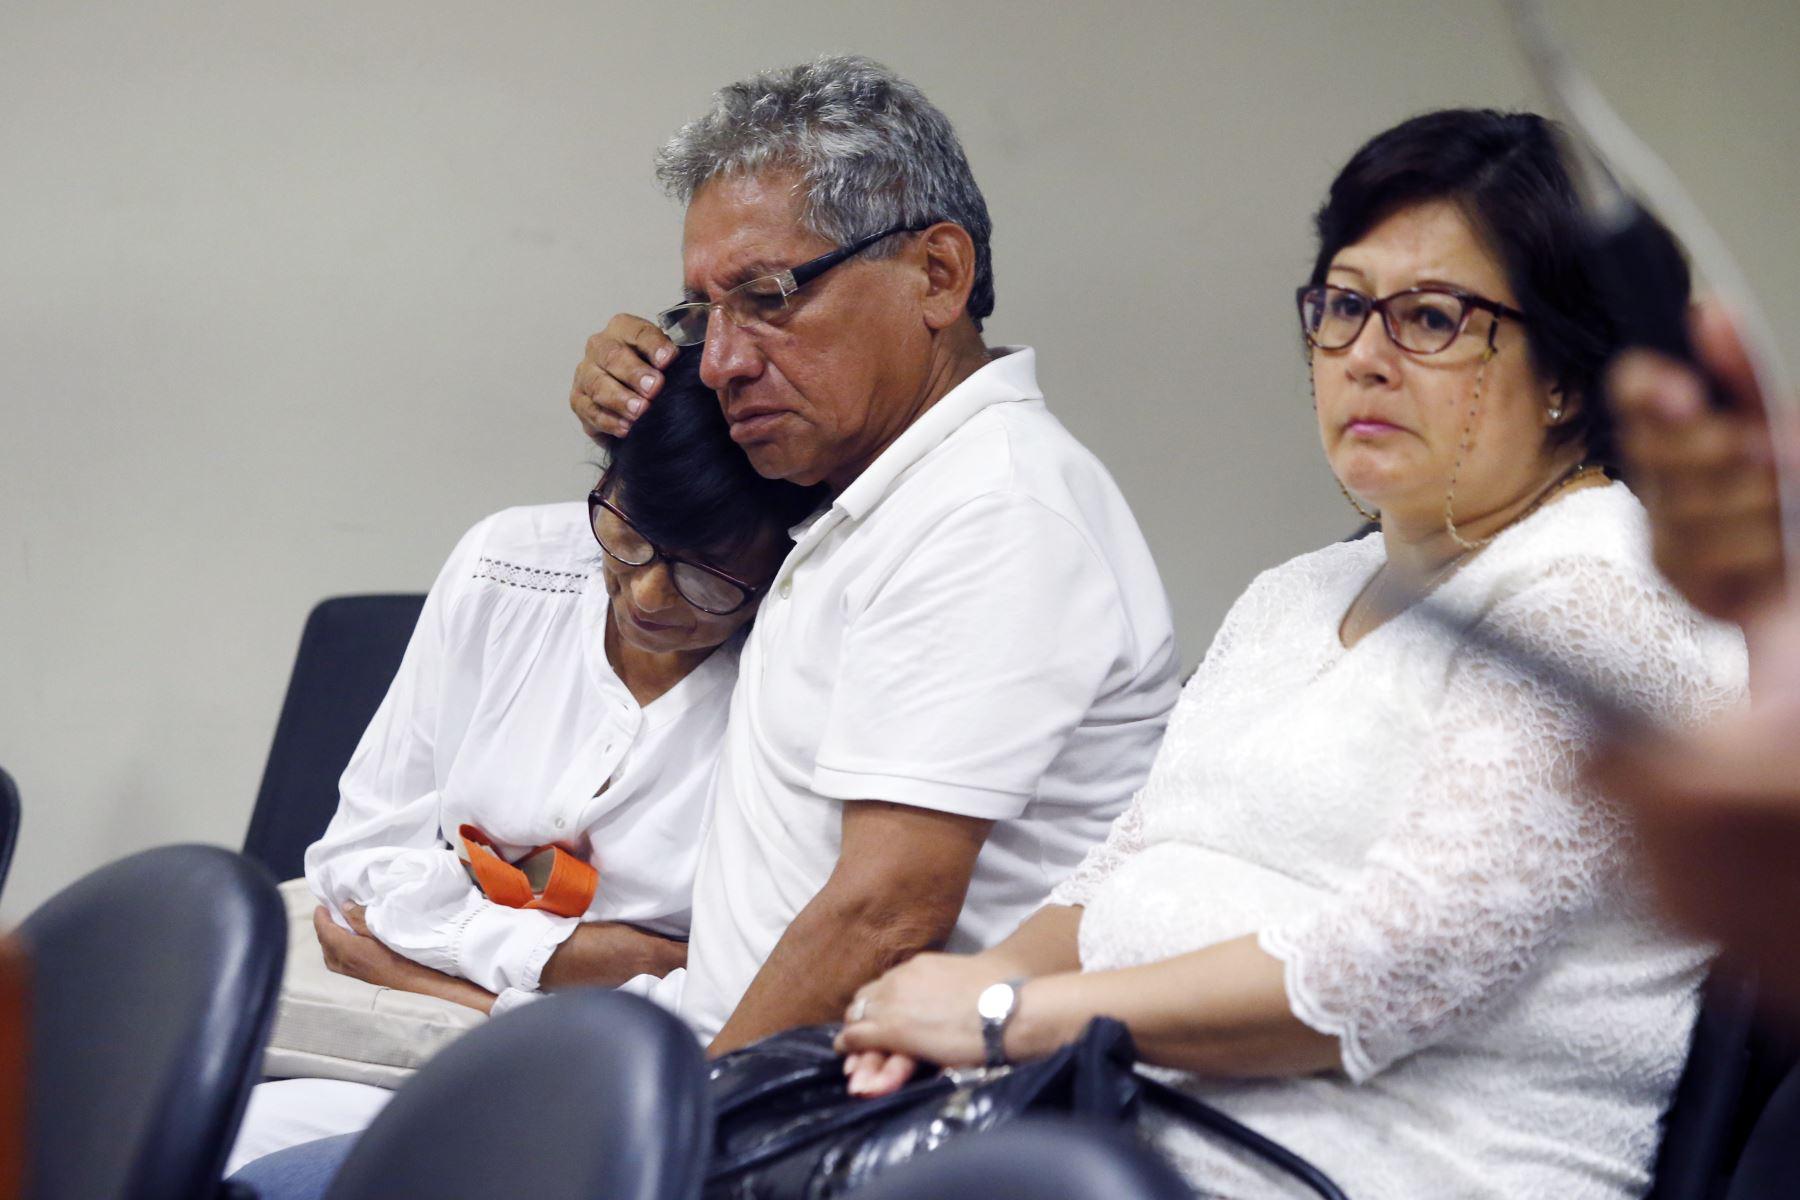 Padres de  Solsiret, Carlos Rodriguez y Rosario Aybar durante la audiencia de pedido de prisión preventiva a los acusados por su asesinato. Foto: ANDINA/Eddy Ramos